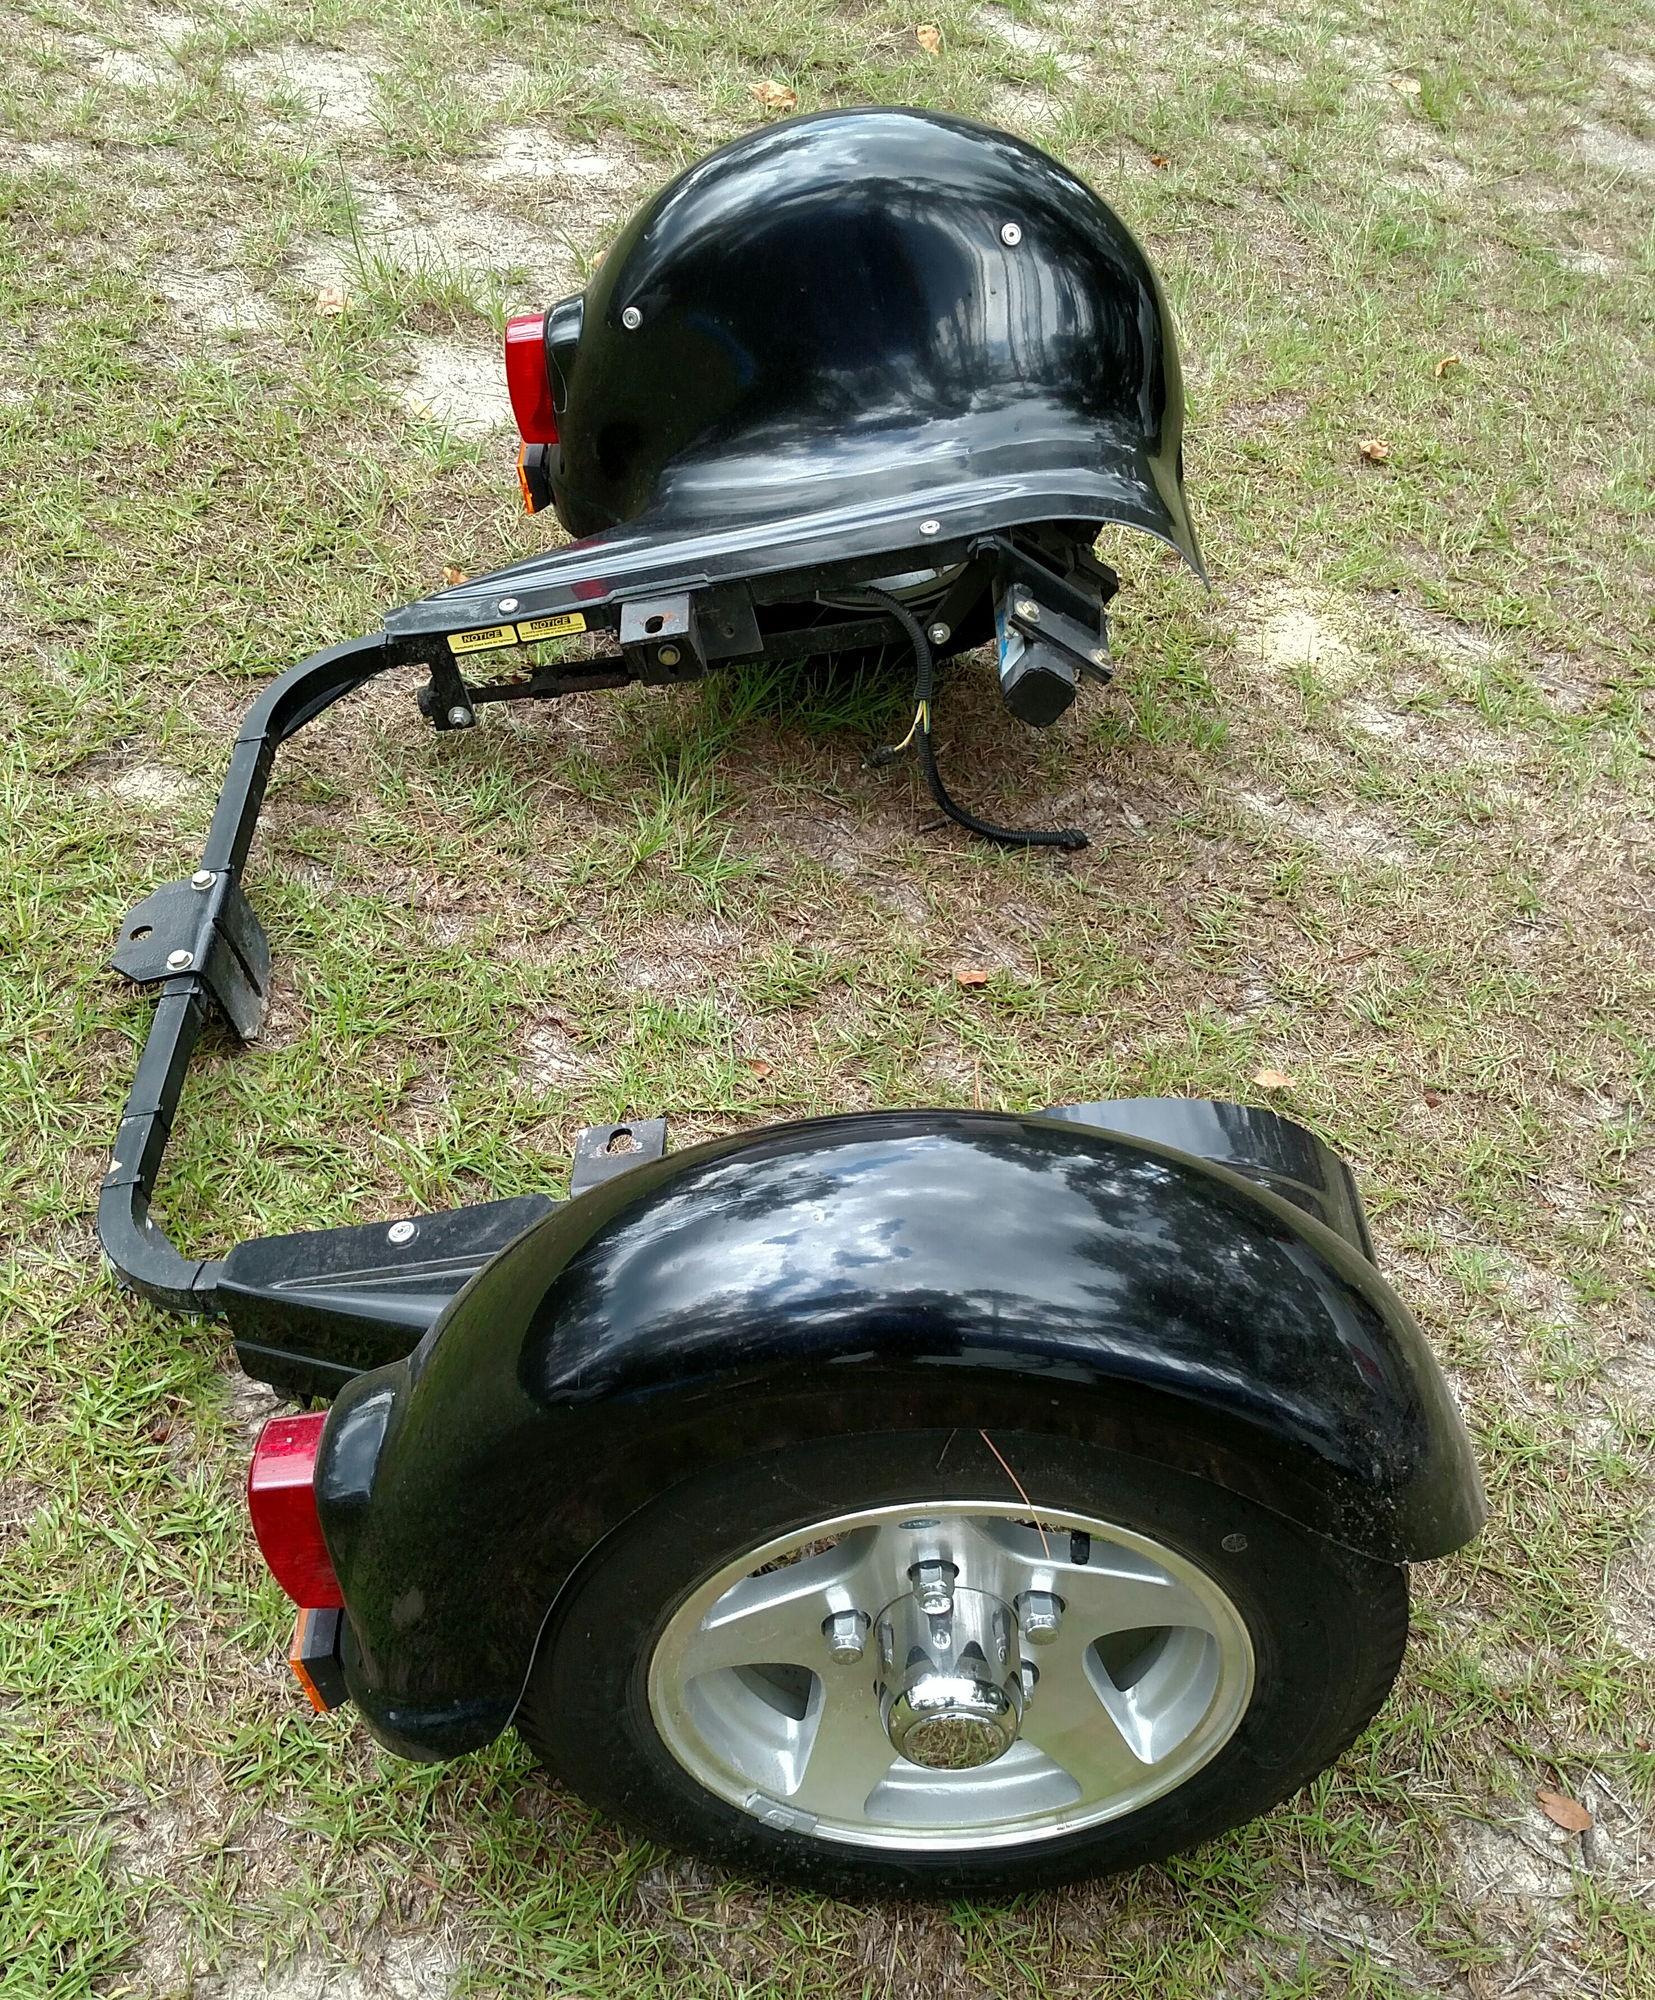 Harley Davidson Jacksonville Fl >> Trike Kit for Street Glide - Harley Davidson Forums